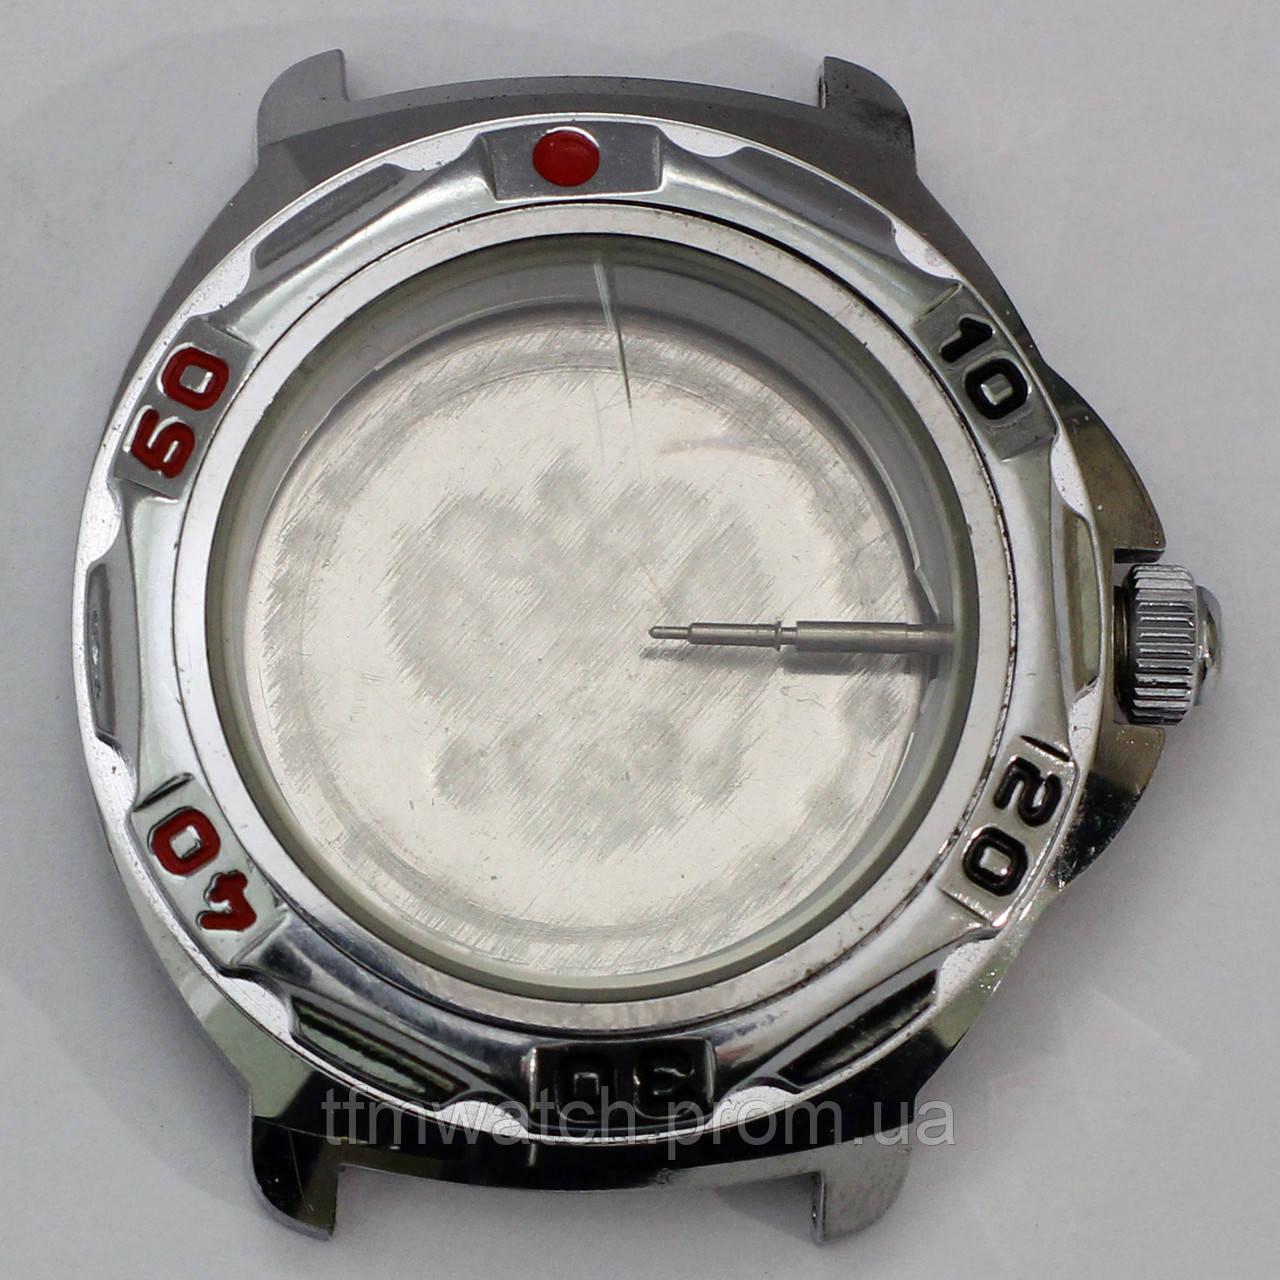 Продать корпуса часов стоимость seiko часы